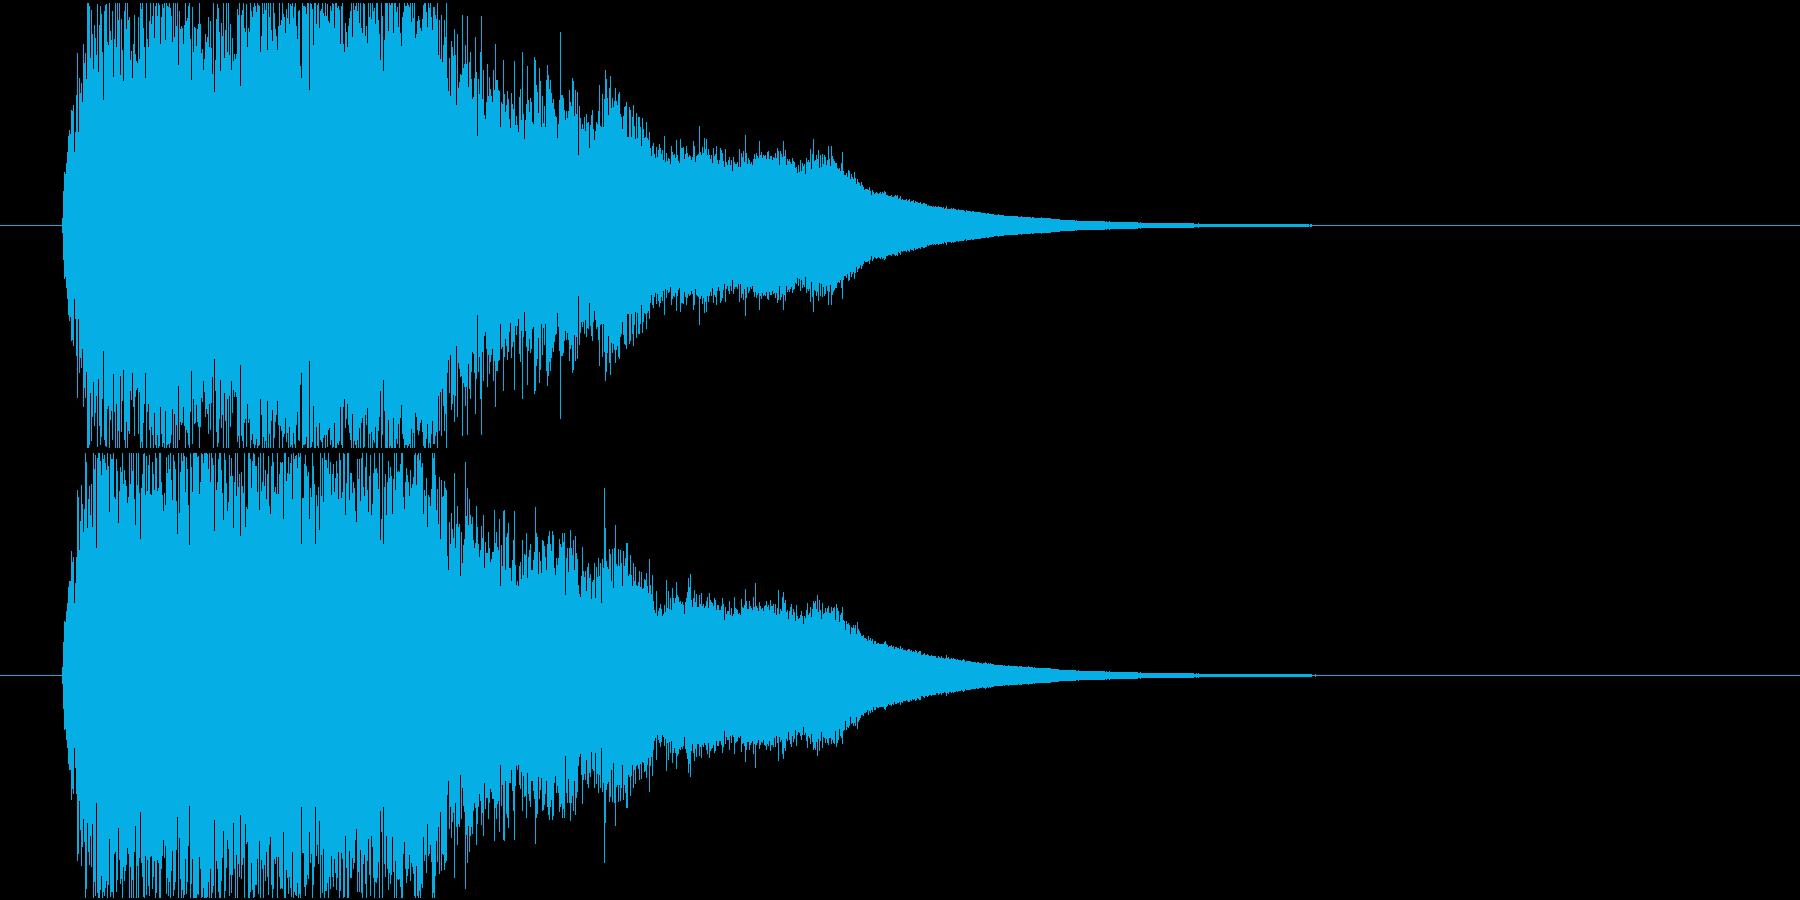 上昇回復age音の再生済みの波形